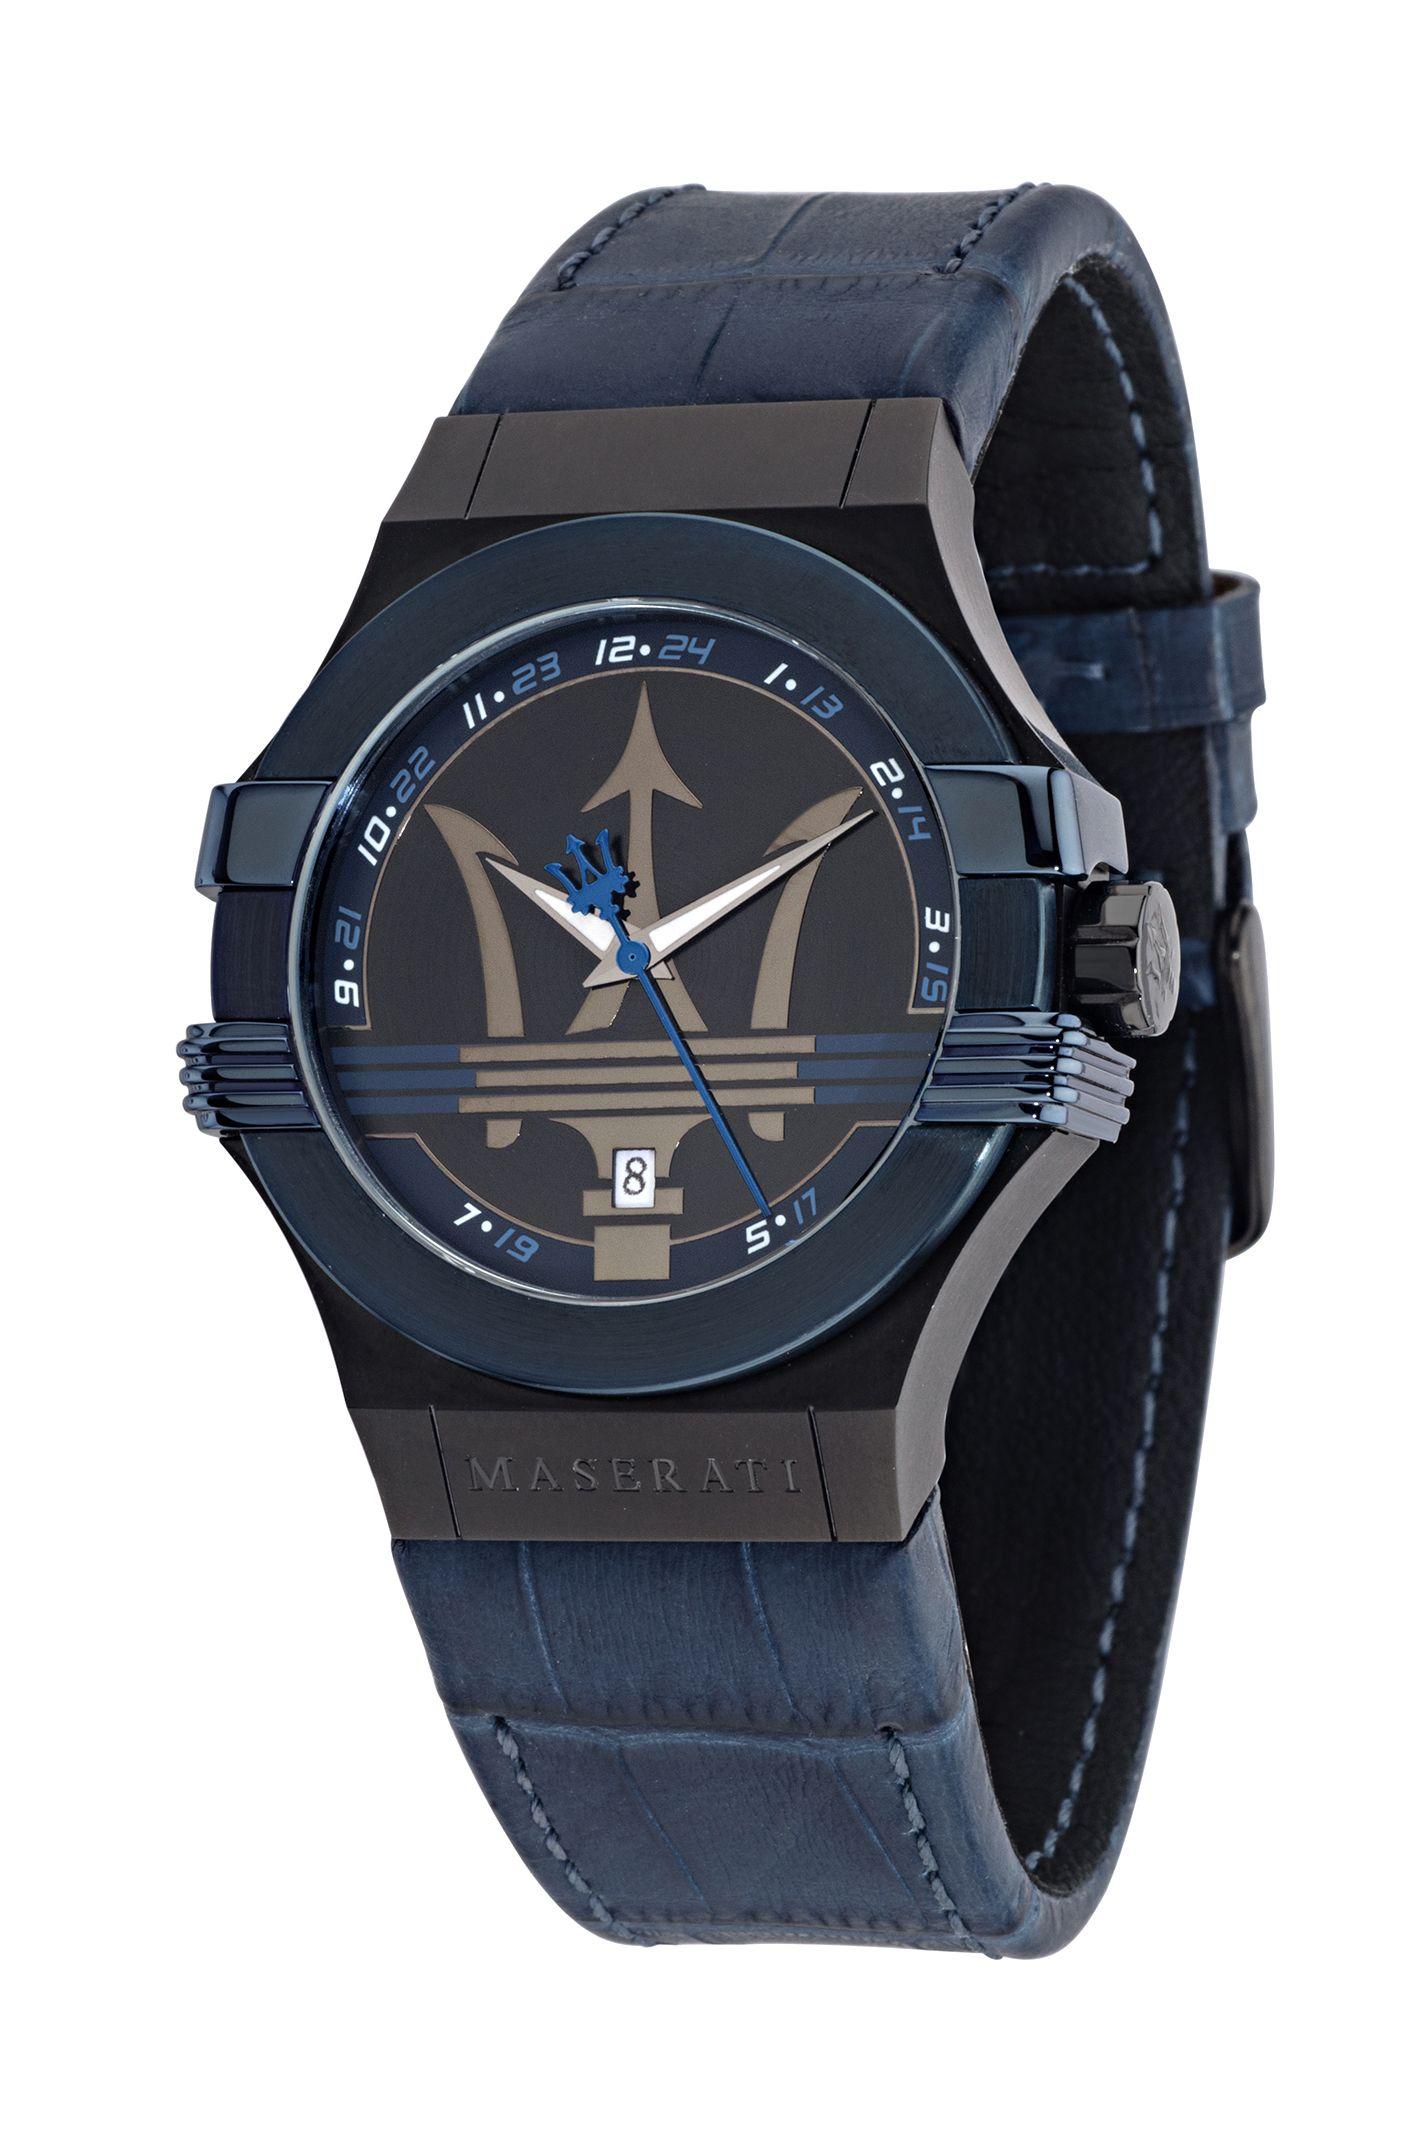 Montre homme en cuir bleu par Maserati – 198.00€ Soyez original et affichez  cette sublime montre bleue nuit à votre poignet pour un look tendance ! db648b1af4c4